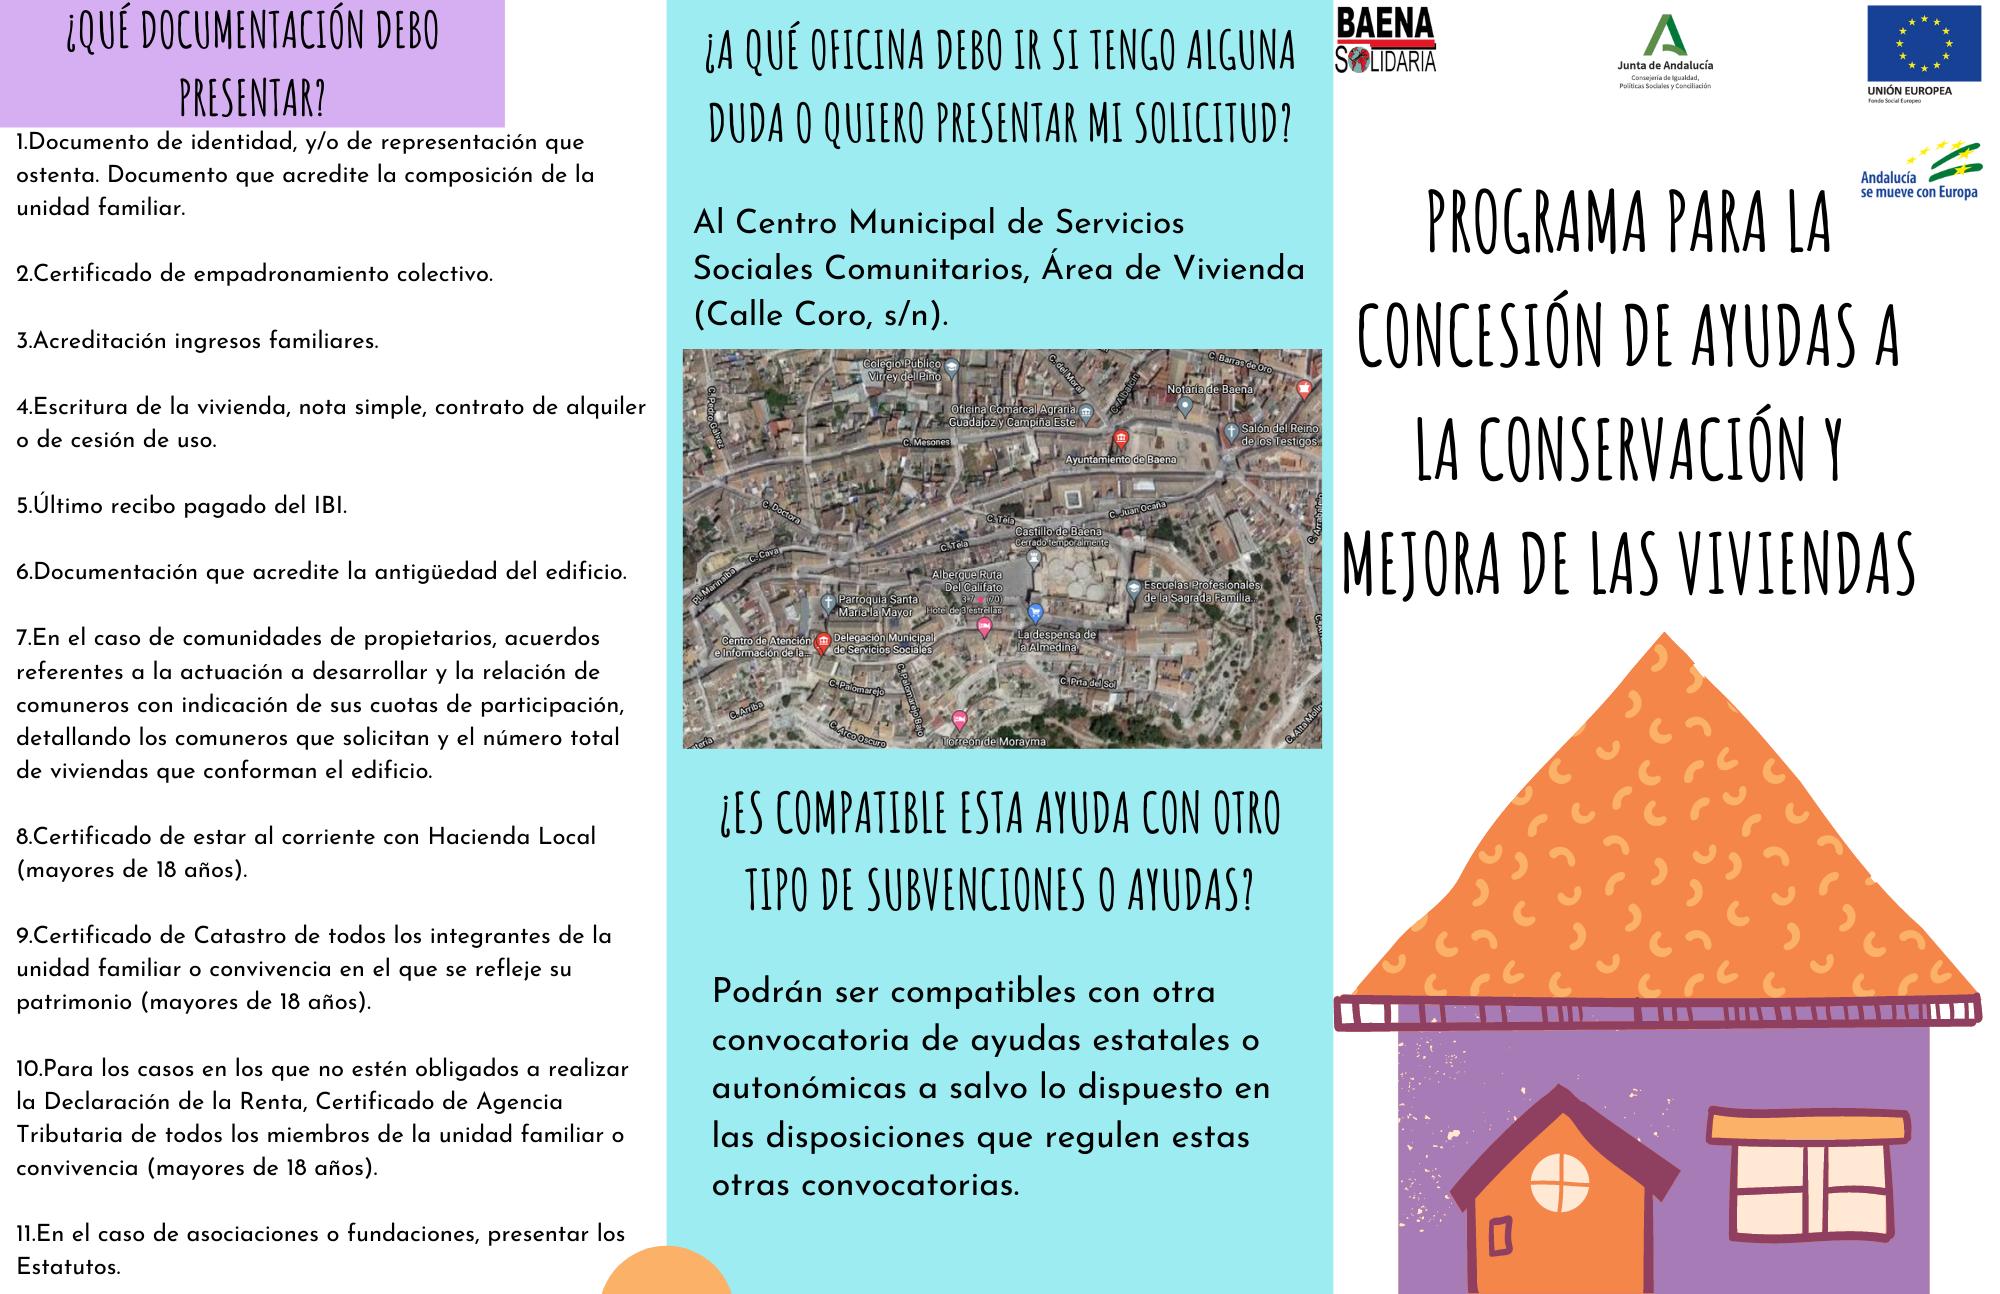 programa para la concesión de ayudas a la conservación y mejora de viviendas.